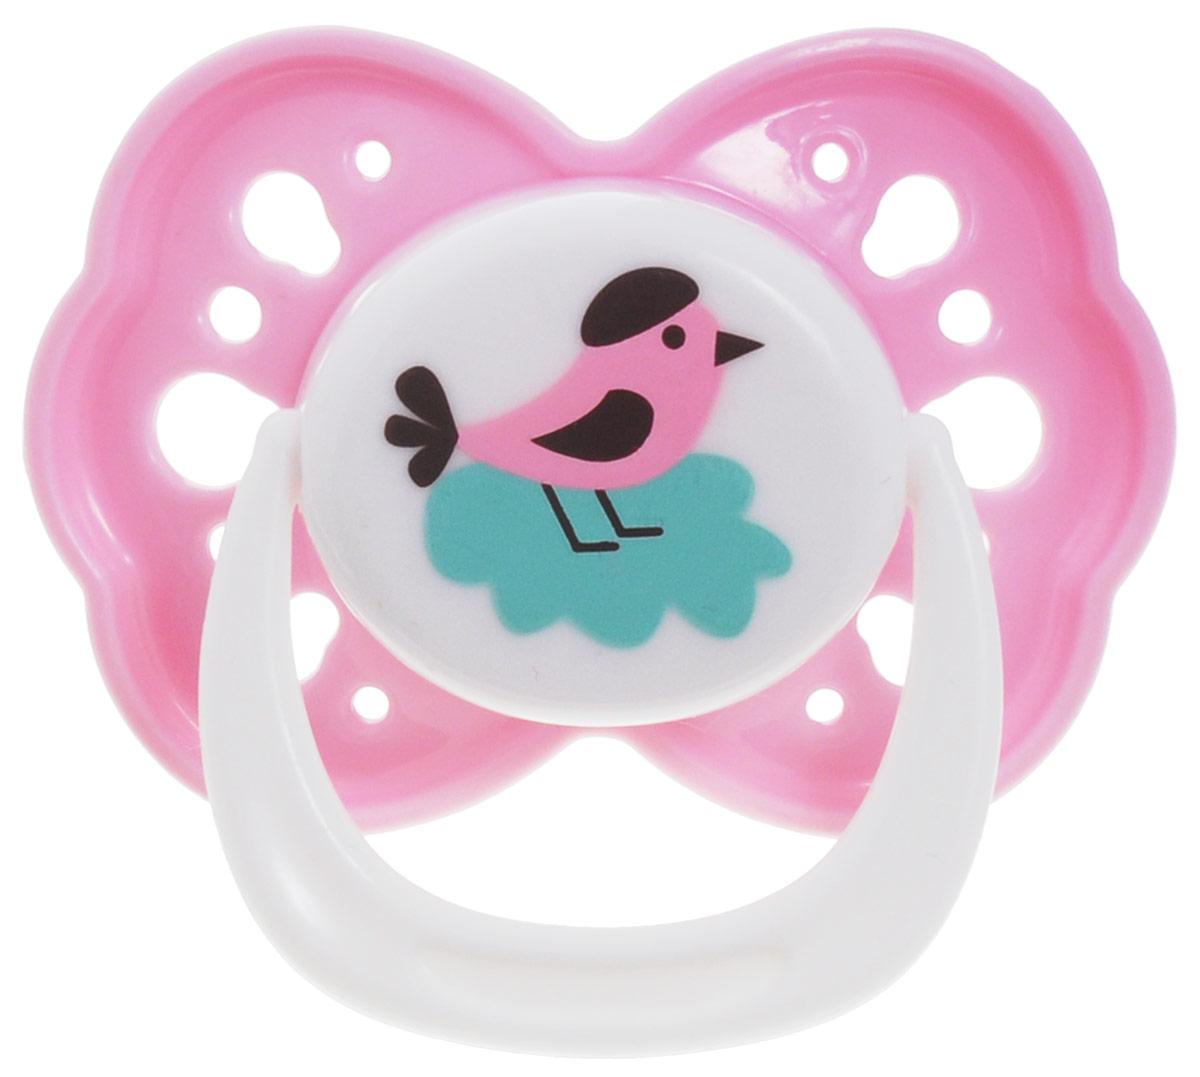 Lubby Пустышка силиконовая Любимая от 6 месяцев цвет розовый